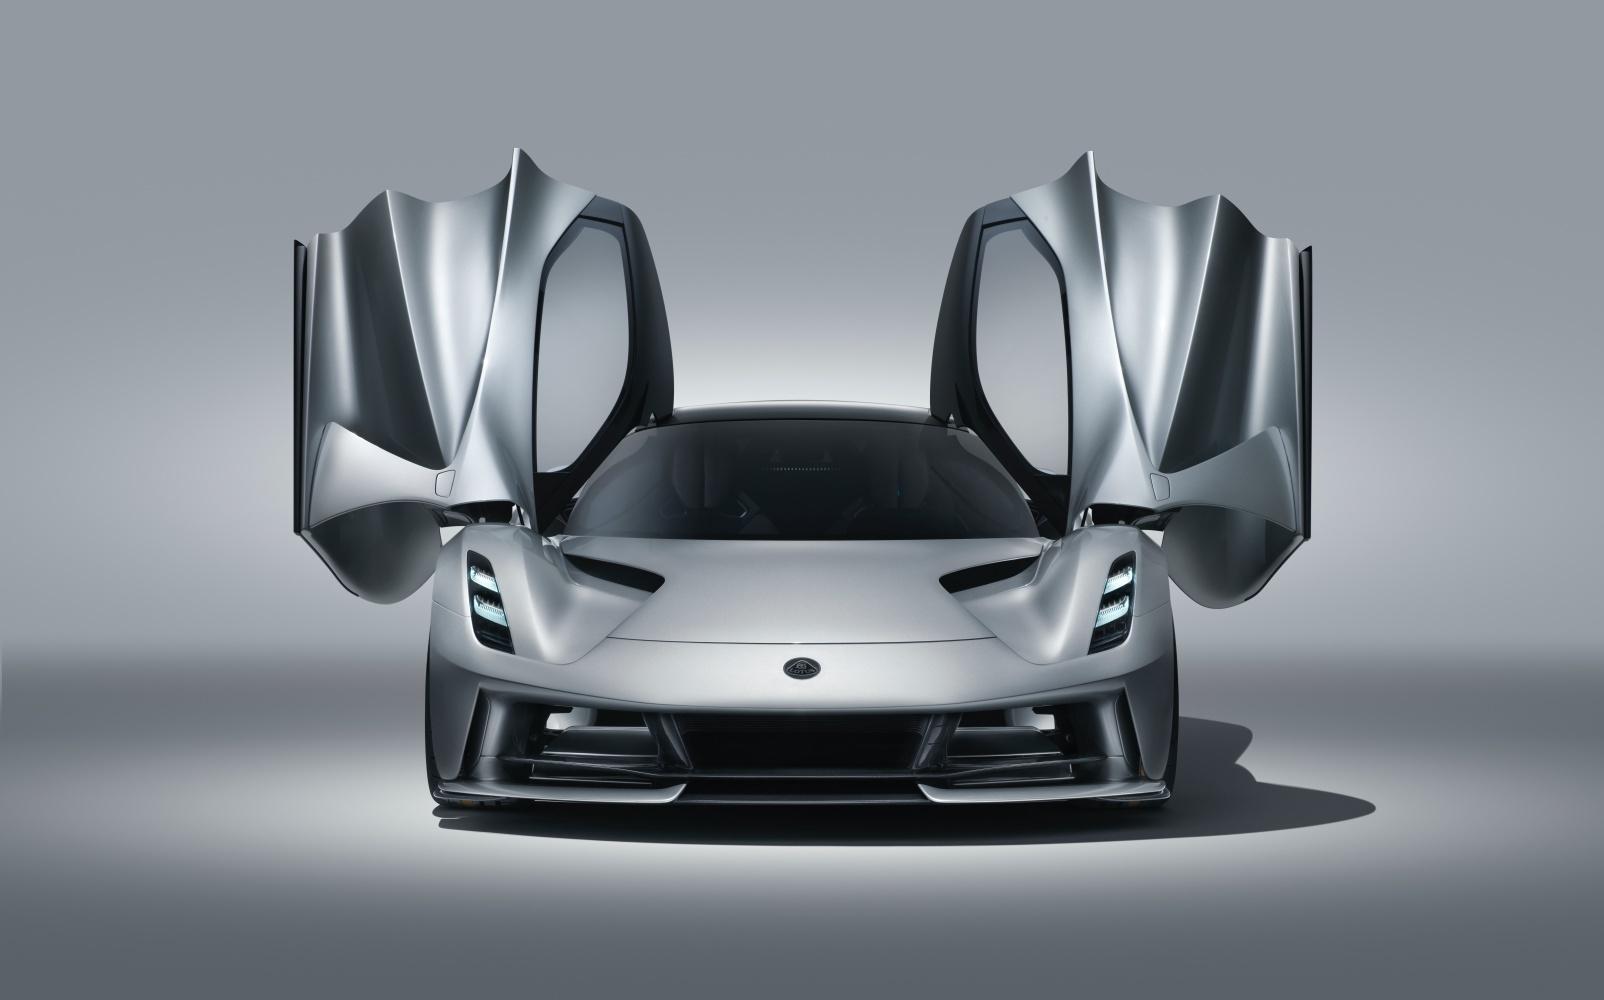 Lotus pożegna się z silnikami spalinowymi. Przyszłość jest elektryczna